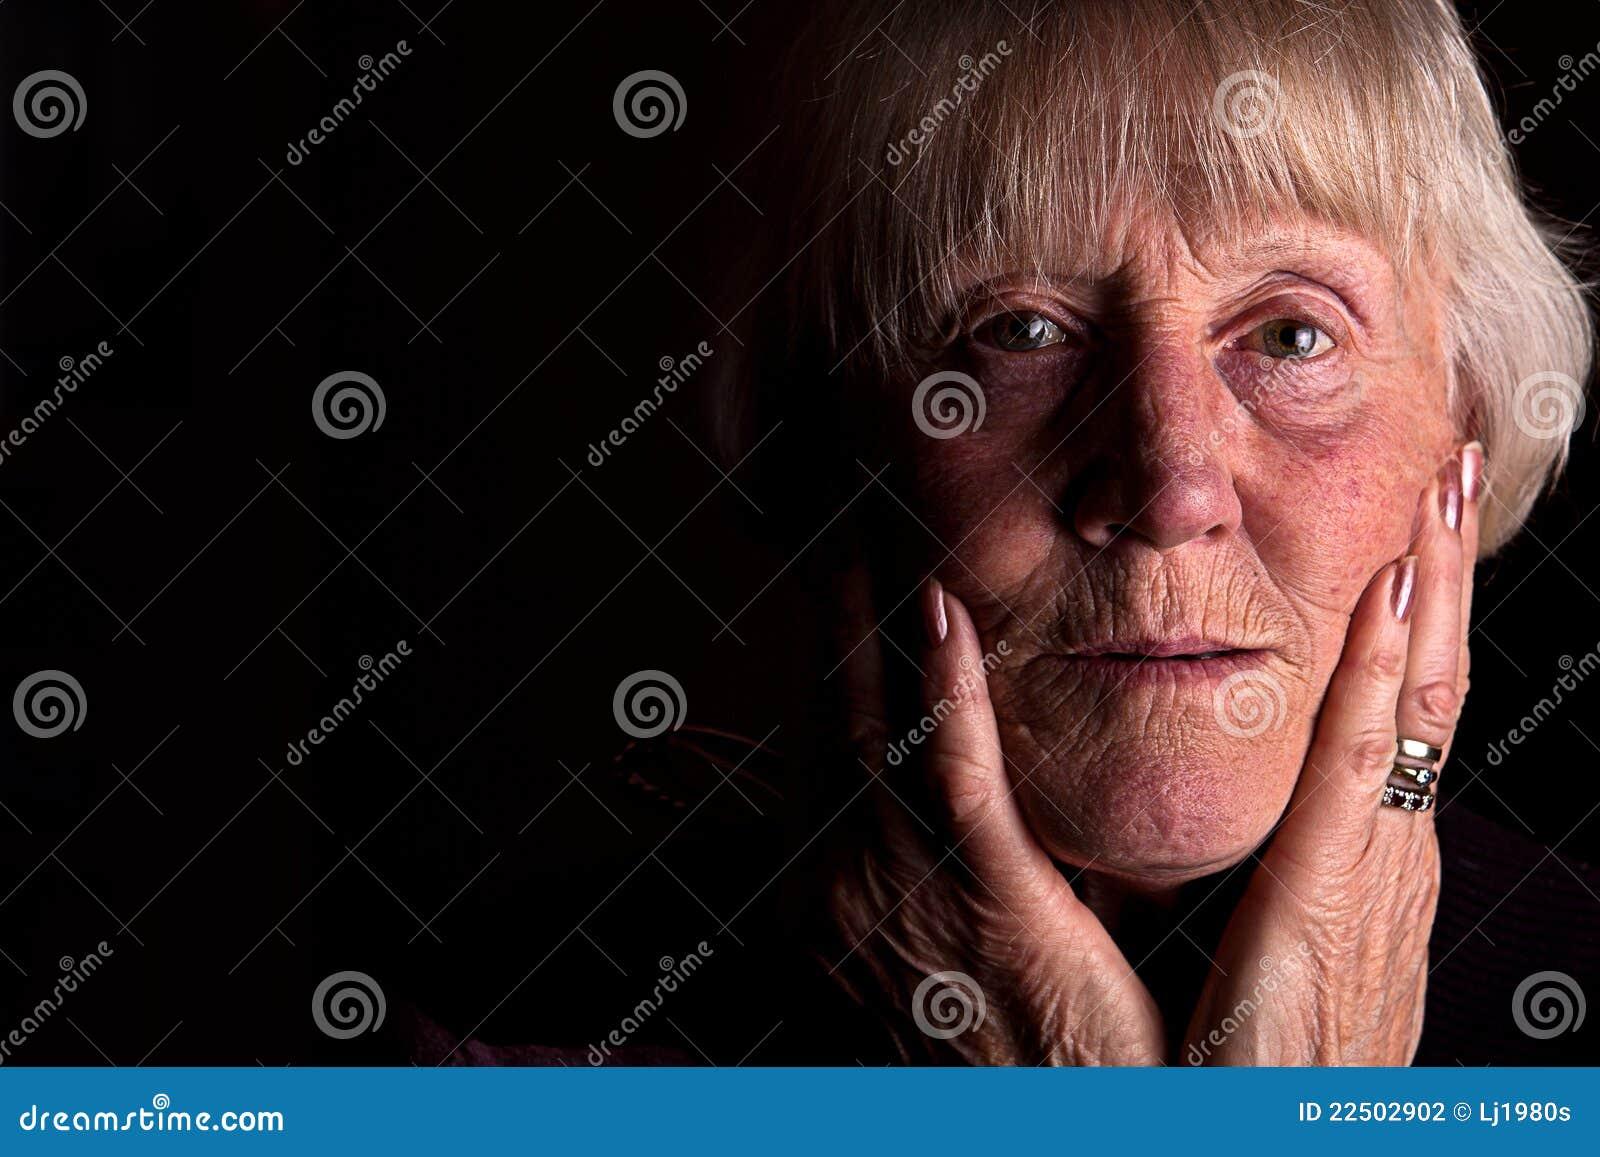 Imagen oscura de gran alcance de una mujer mayor